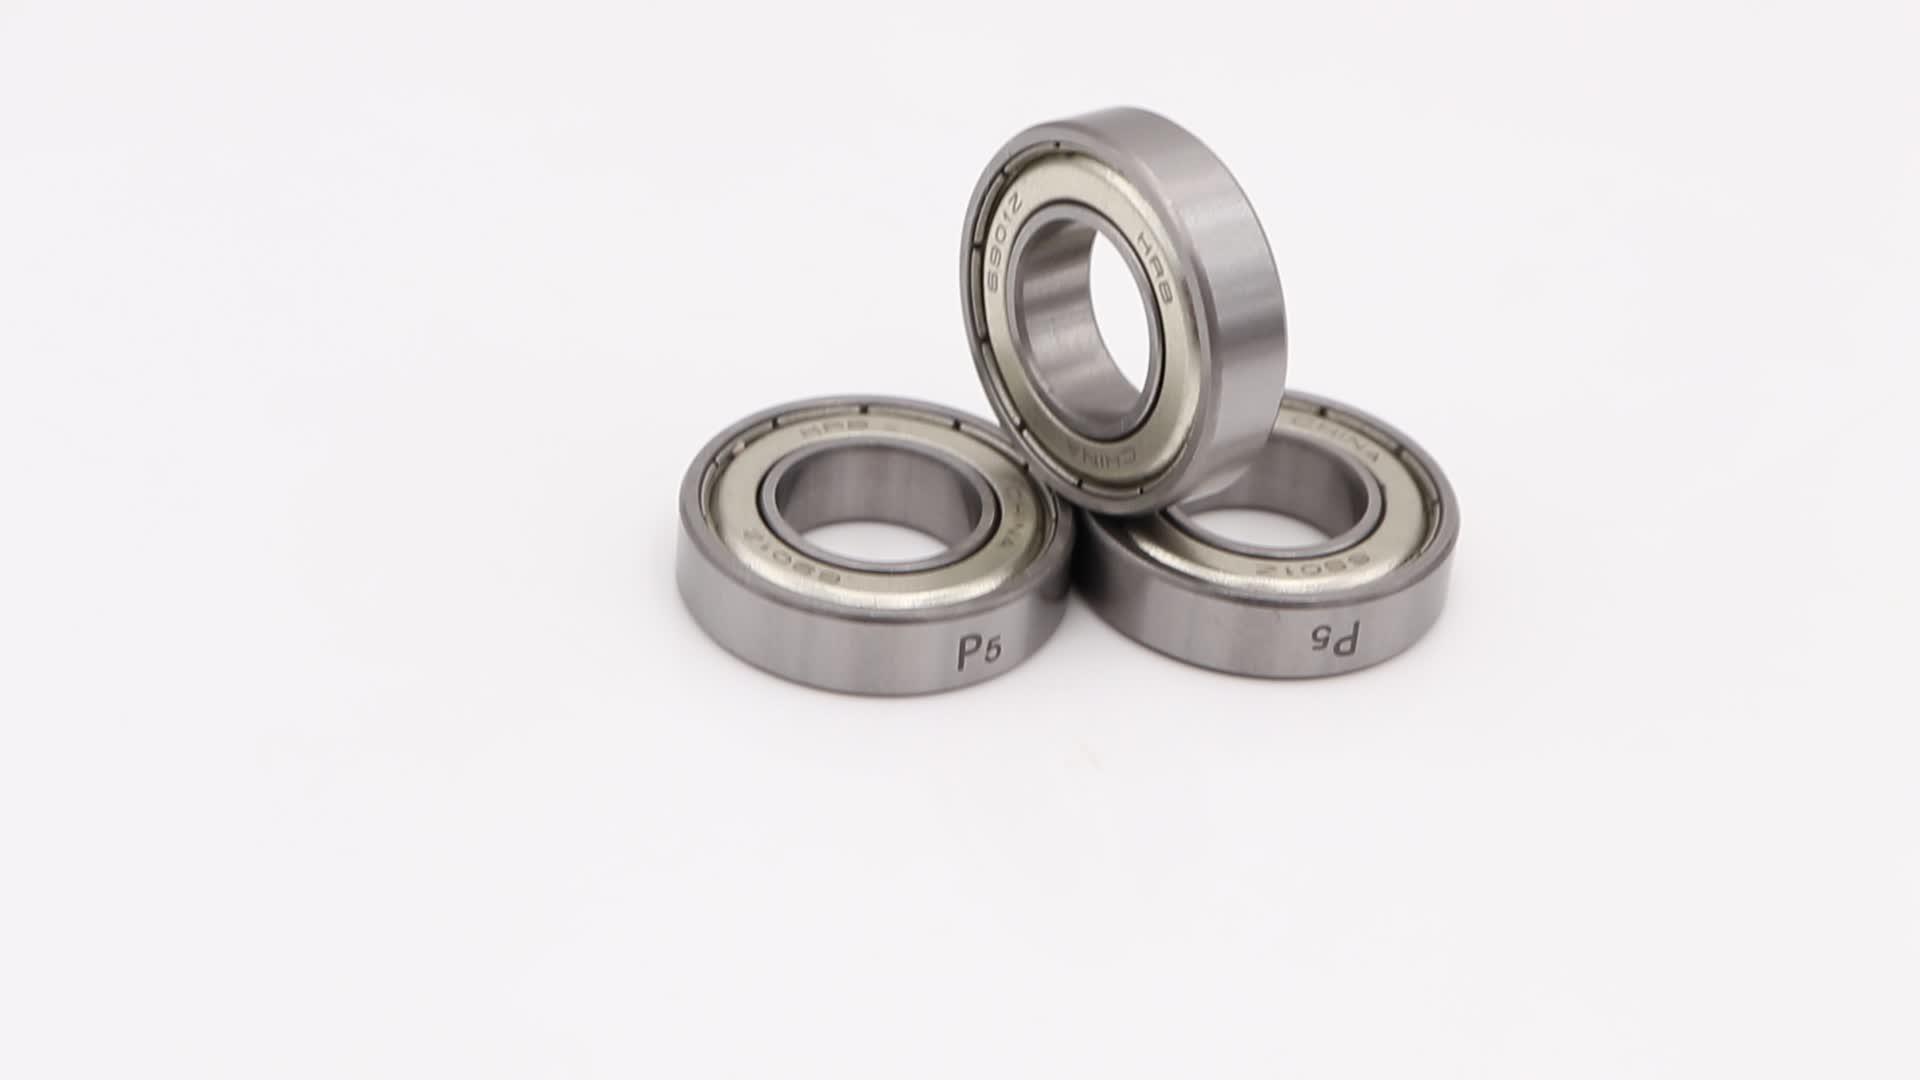 Micro precisión de alta velocidad pequeño tamaño 688 Cojinete de bolas miniatura